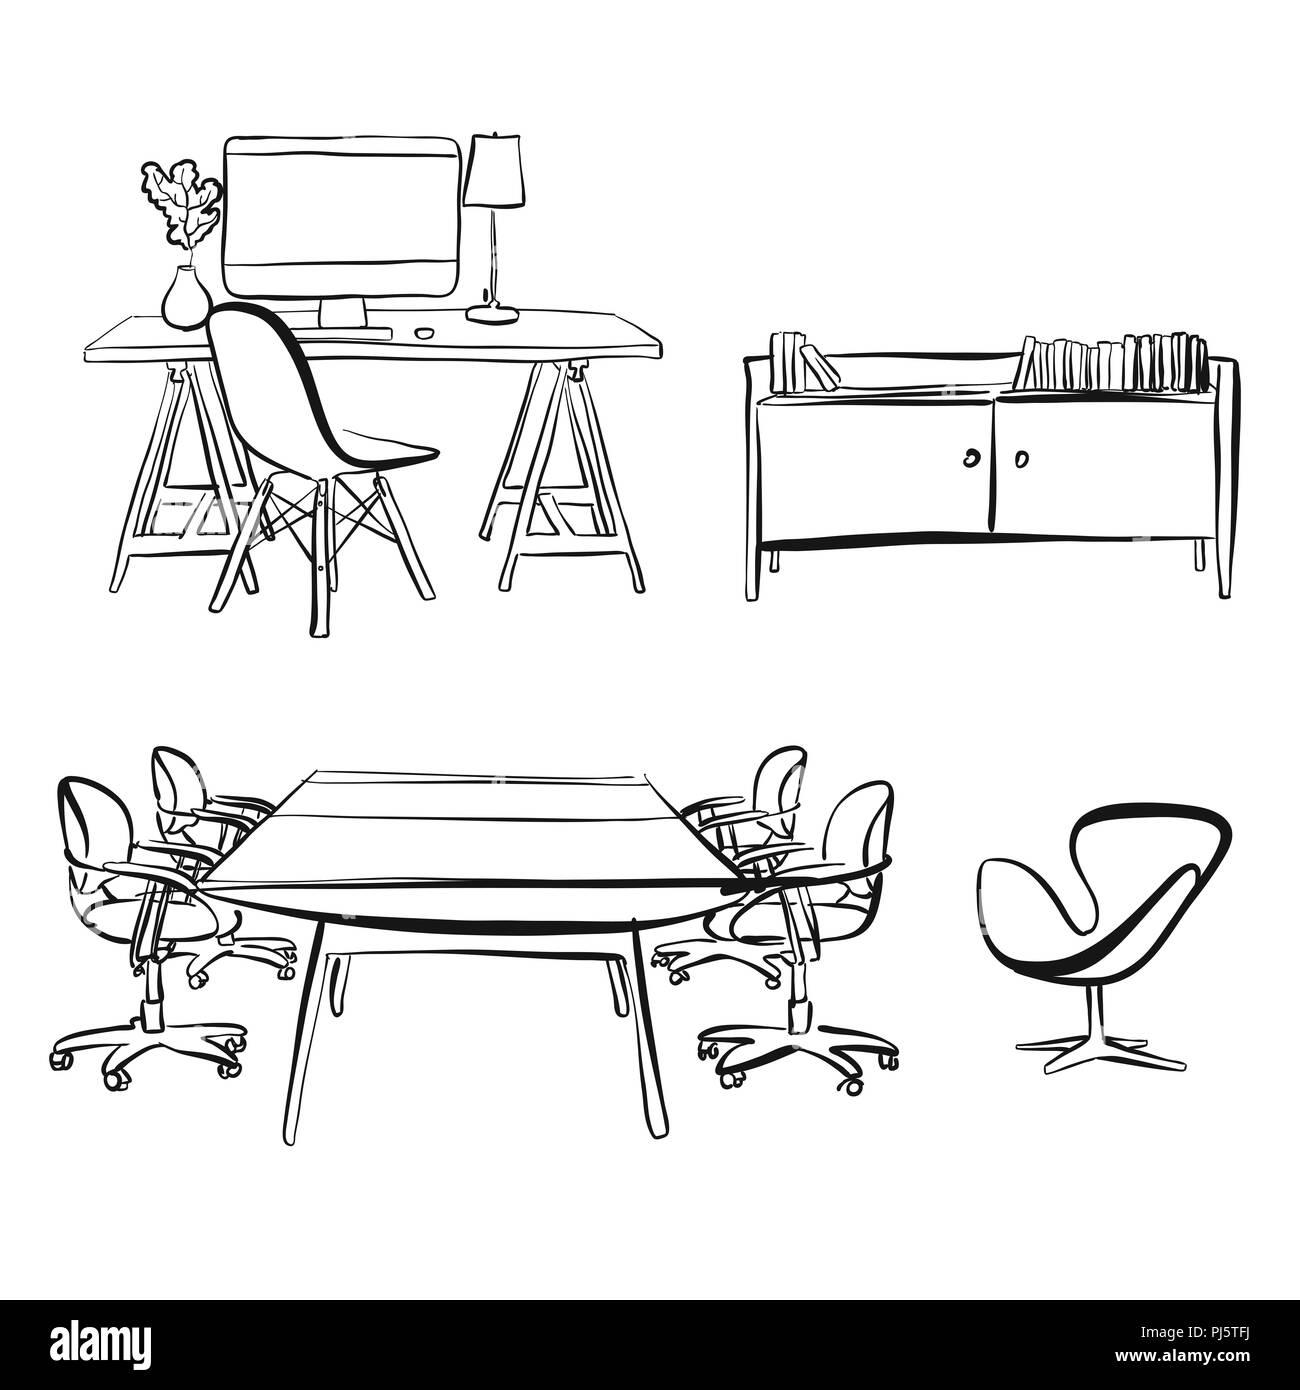 Interior De La Oficina Del Dibujo Los Objetos Vectoriales Dibujadas